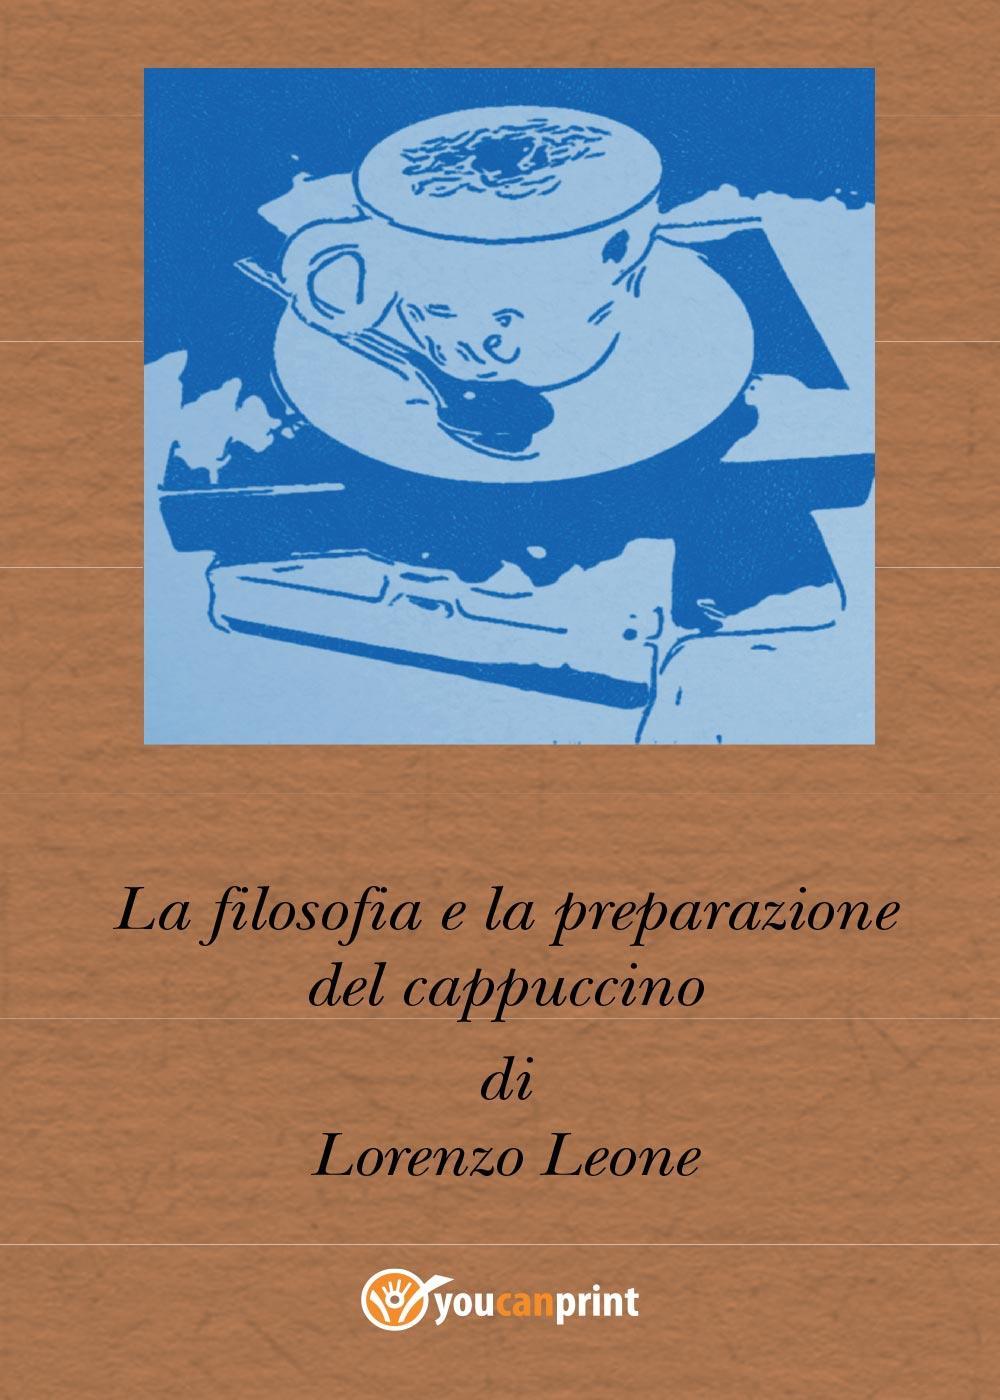 La filosofia e la preparazione del cappuccino